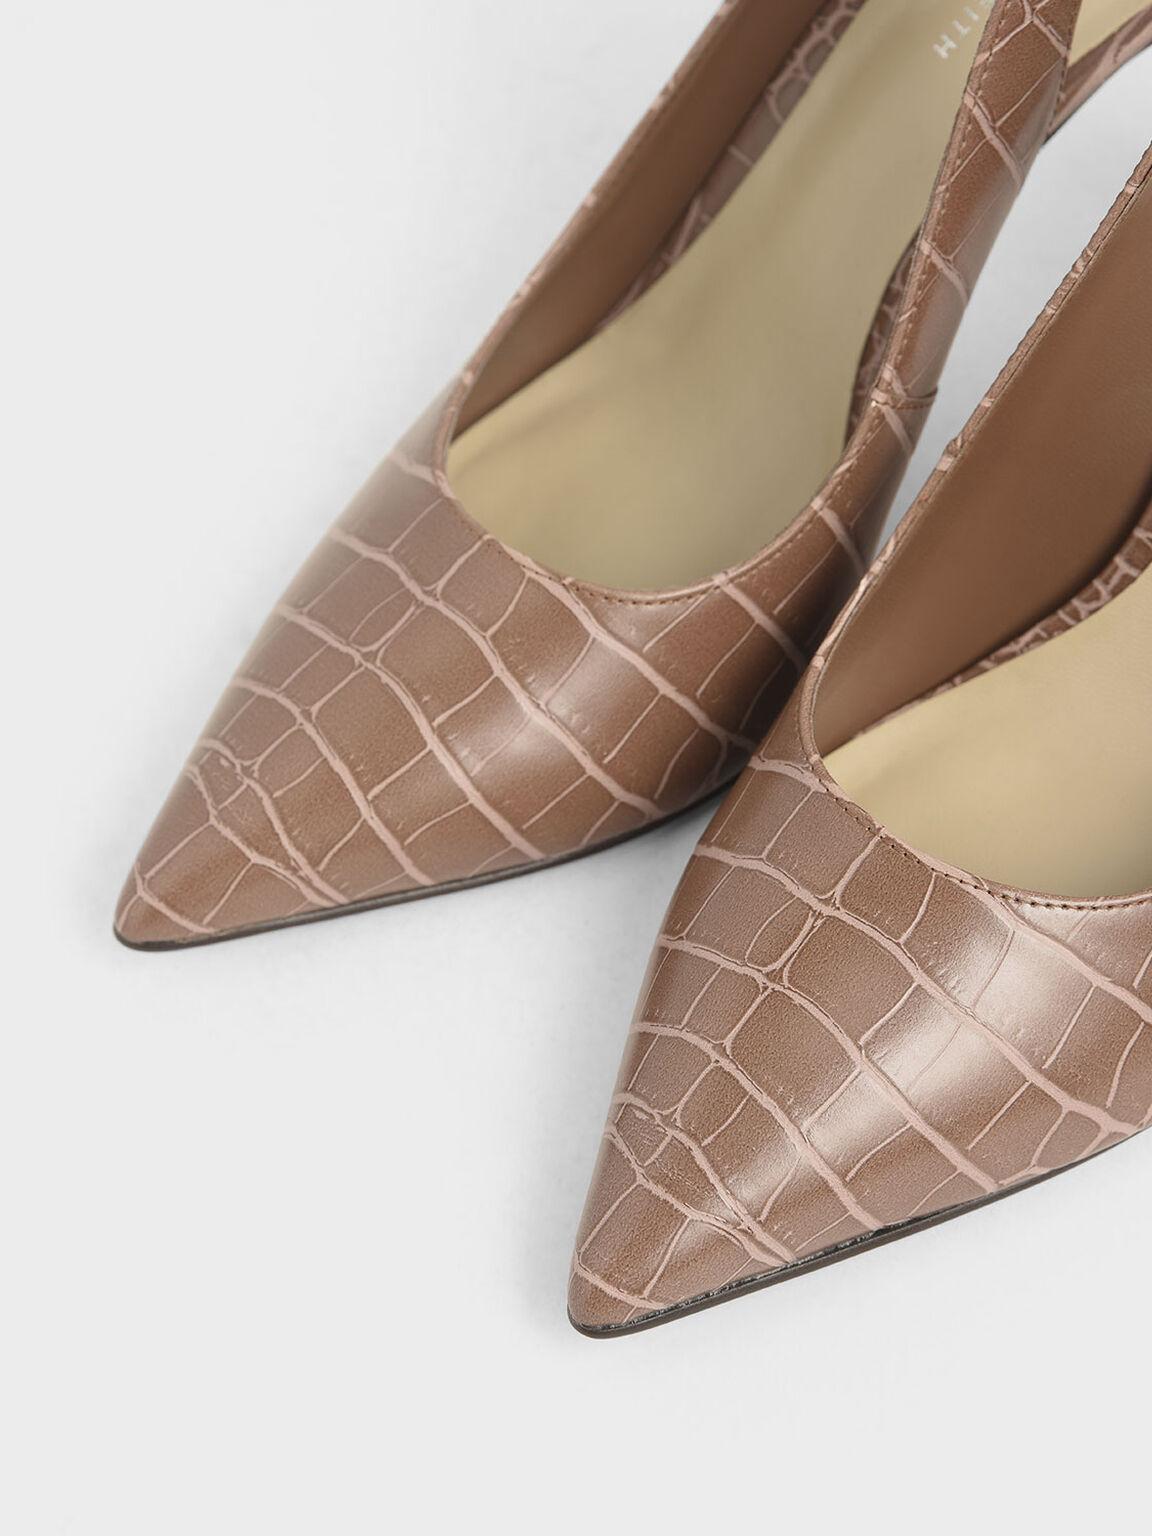 Croc-Effect Stiletto Slingback Pumps, Brown, hi-res